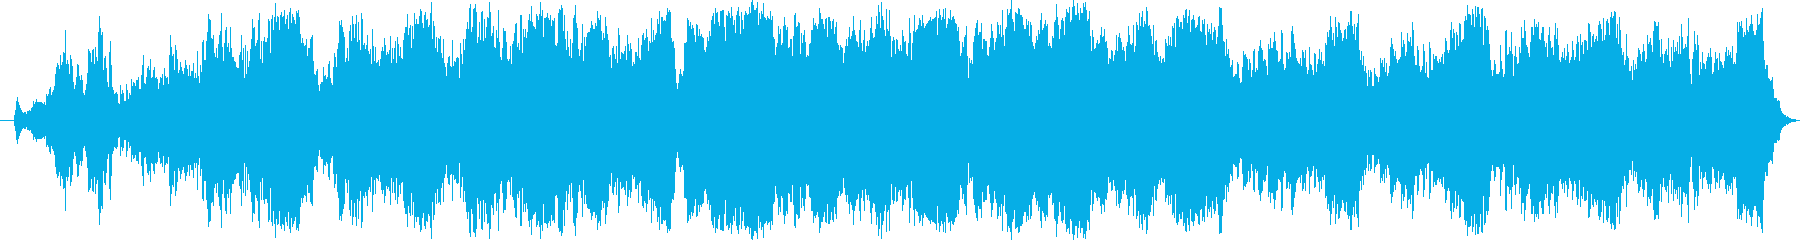 穏やかなクラシック音楽の再生済みの波形